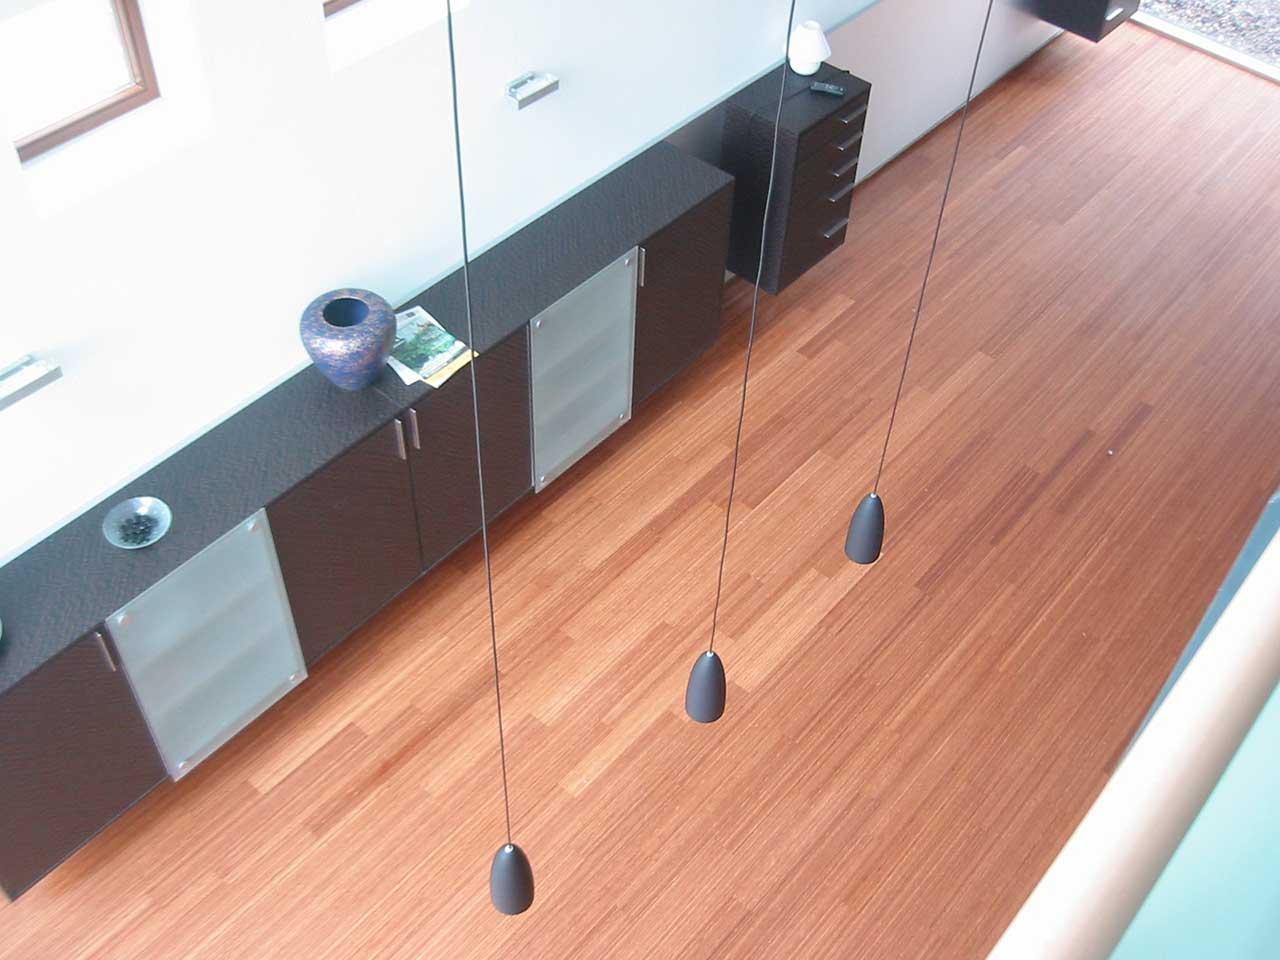 parkett putzen parkett pflegen und reinigen parkettpflege. Black Bedroom Furniture Sets. Home Design Ideas